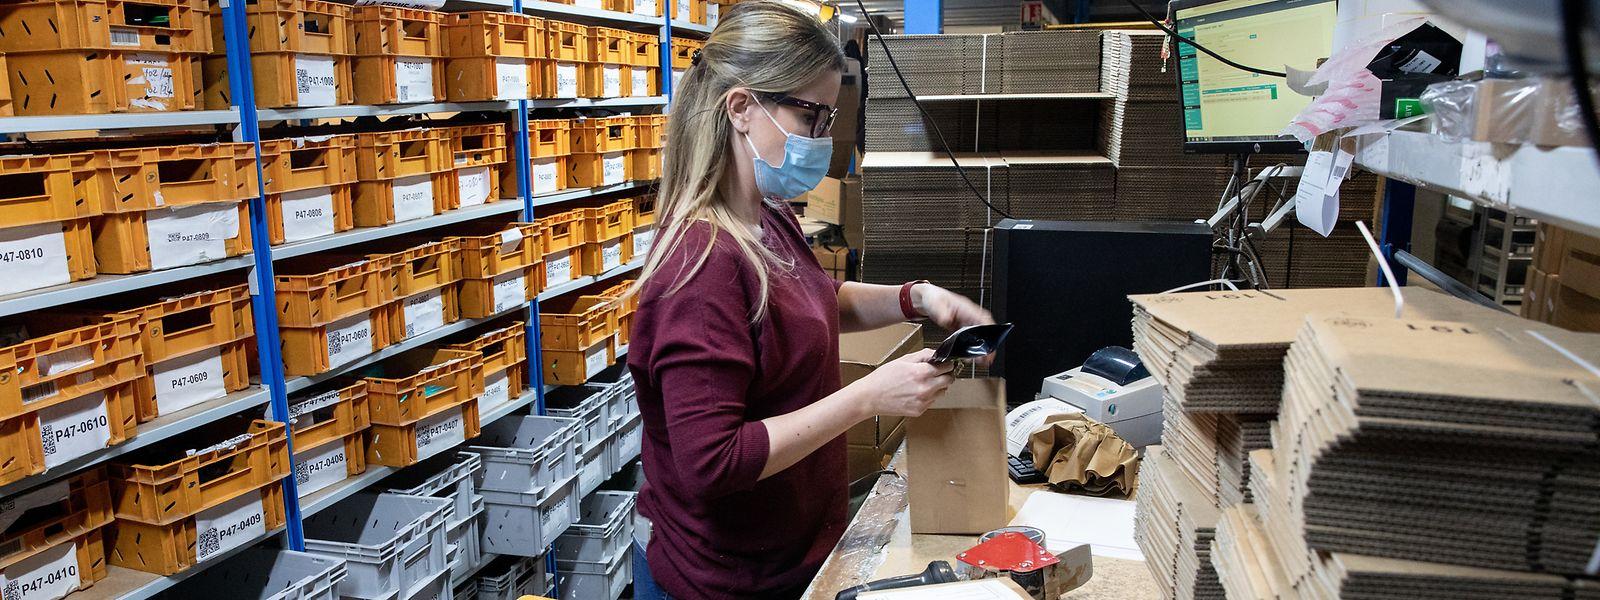 Une opératrice peut empaqueter, étiqueter, scanner et expédier jusqu'à 90 colis/heure pour certains produits. Dextérité impressionnante.